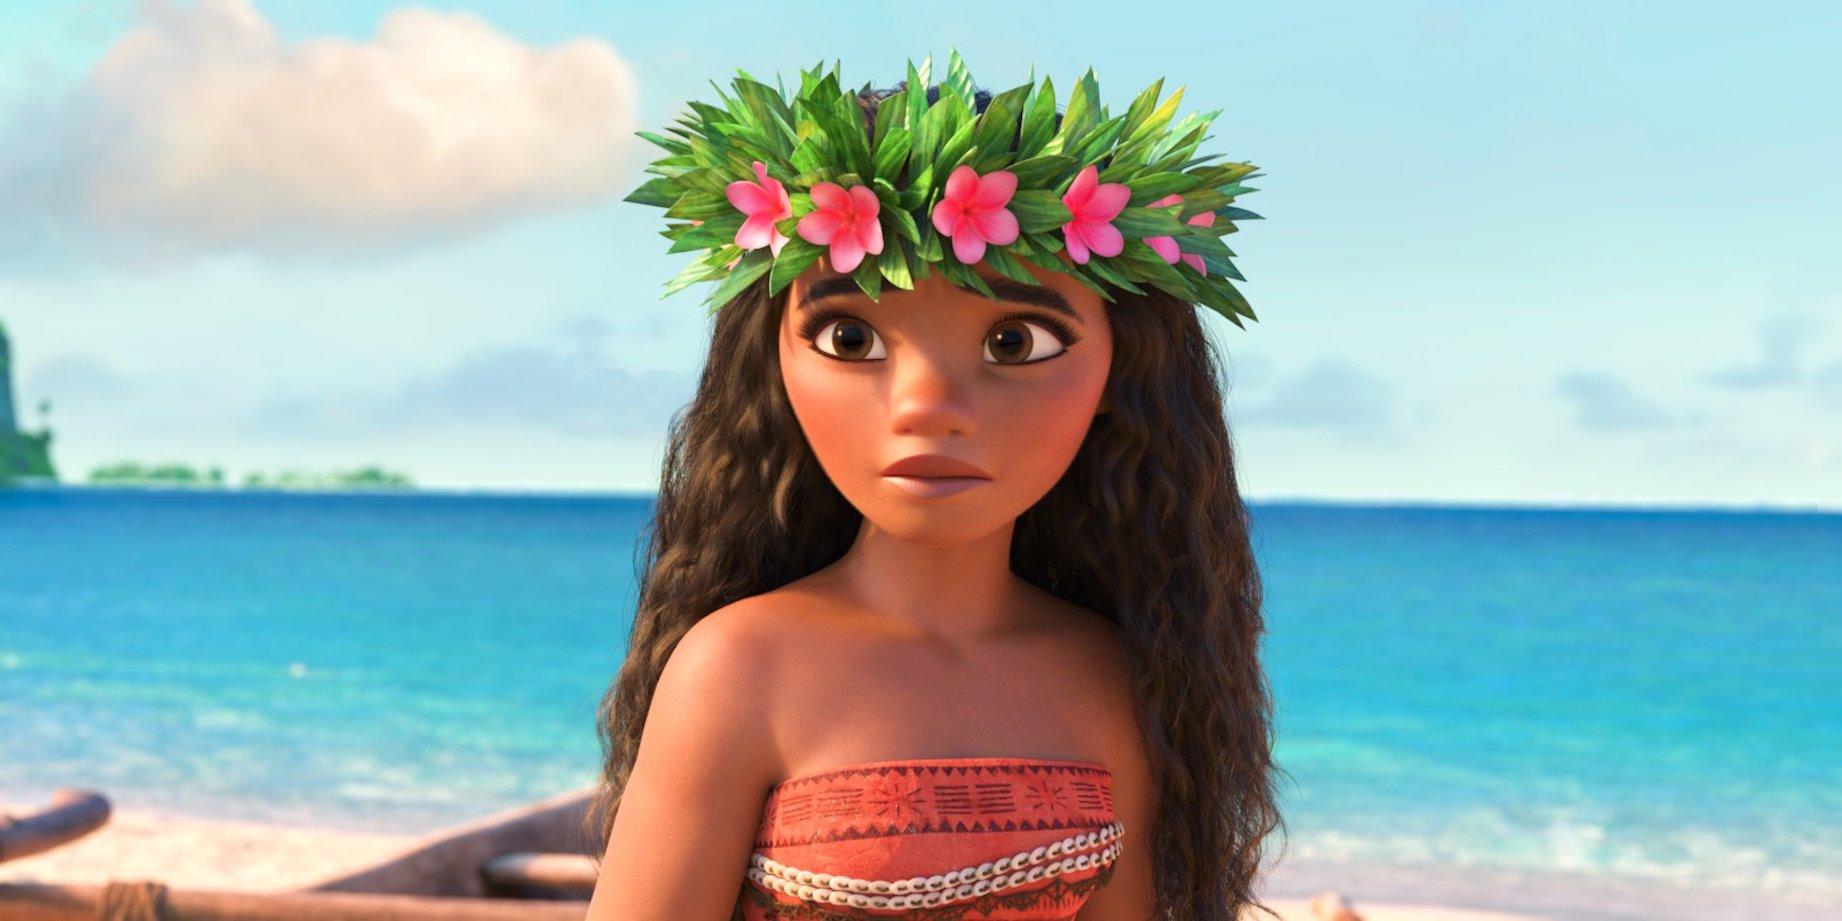 Cena do filme - Moana e sua coroa de flores | imagem: divulgação